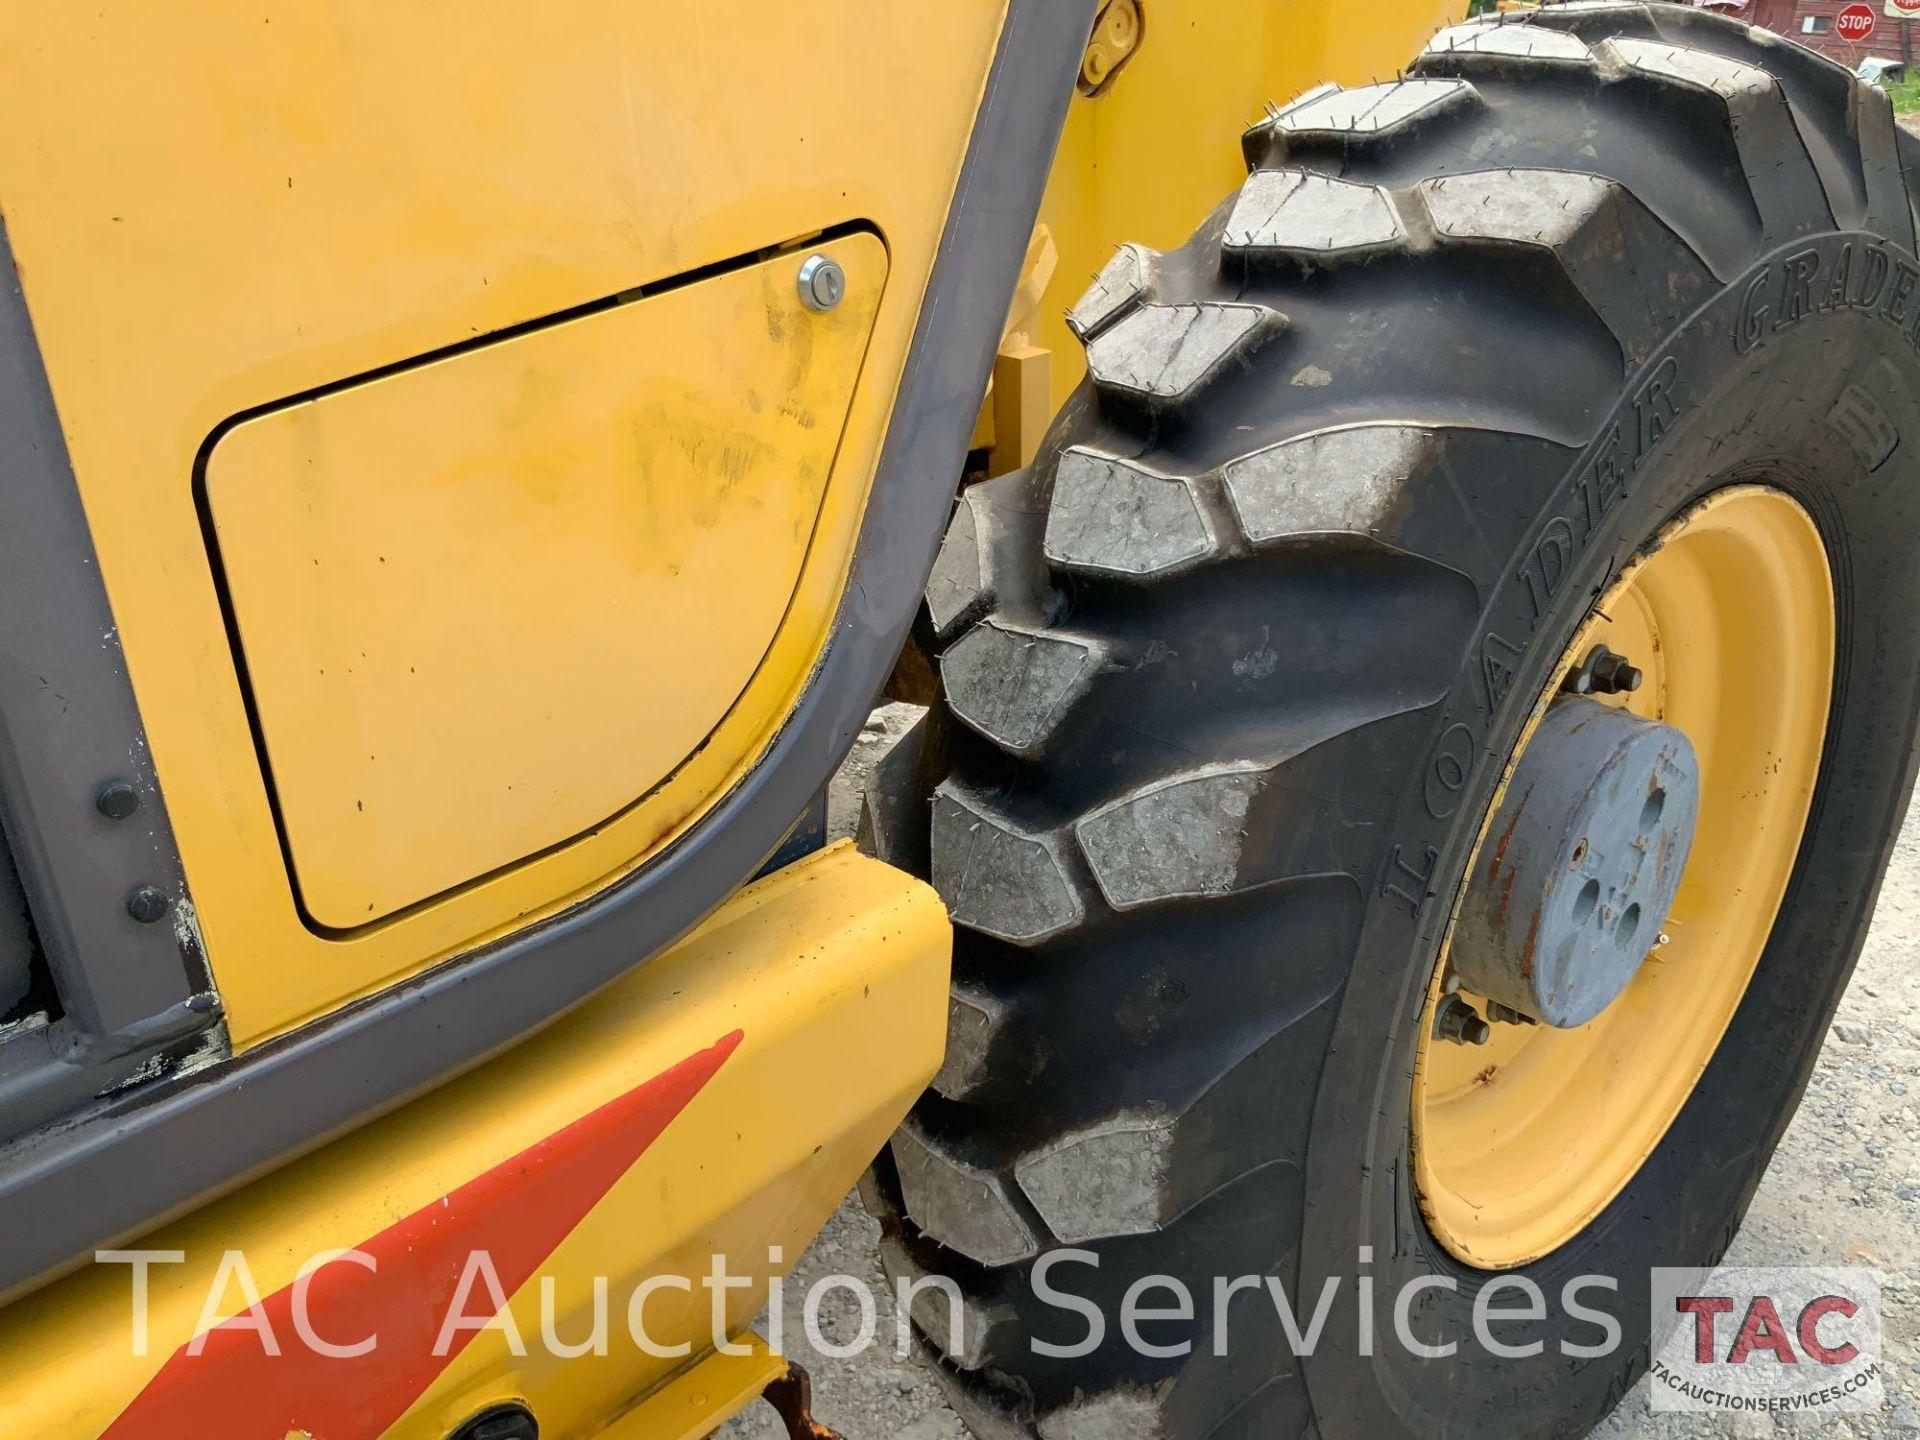 1999 New Holland LM840 Telehandler Forklift - Image 16 of 25